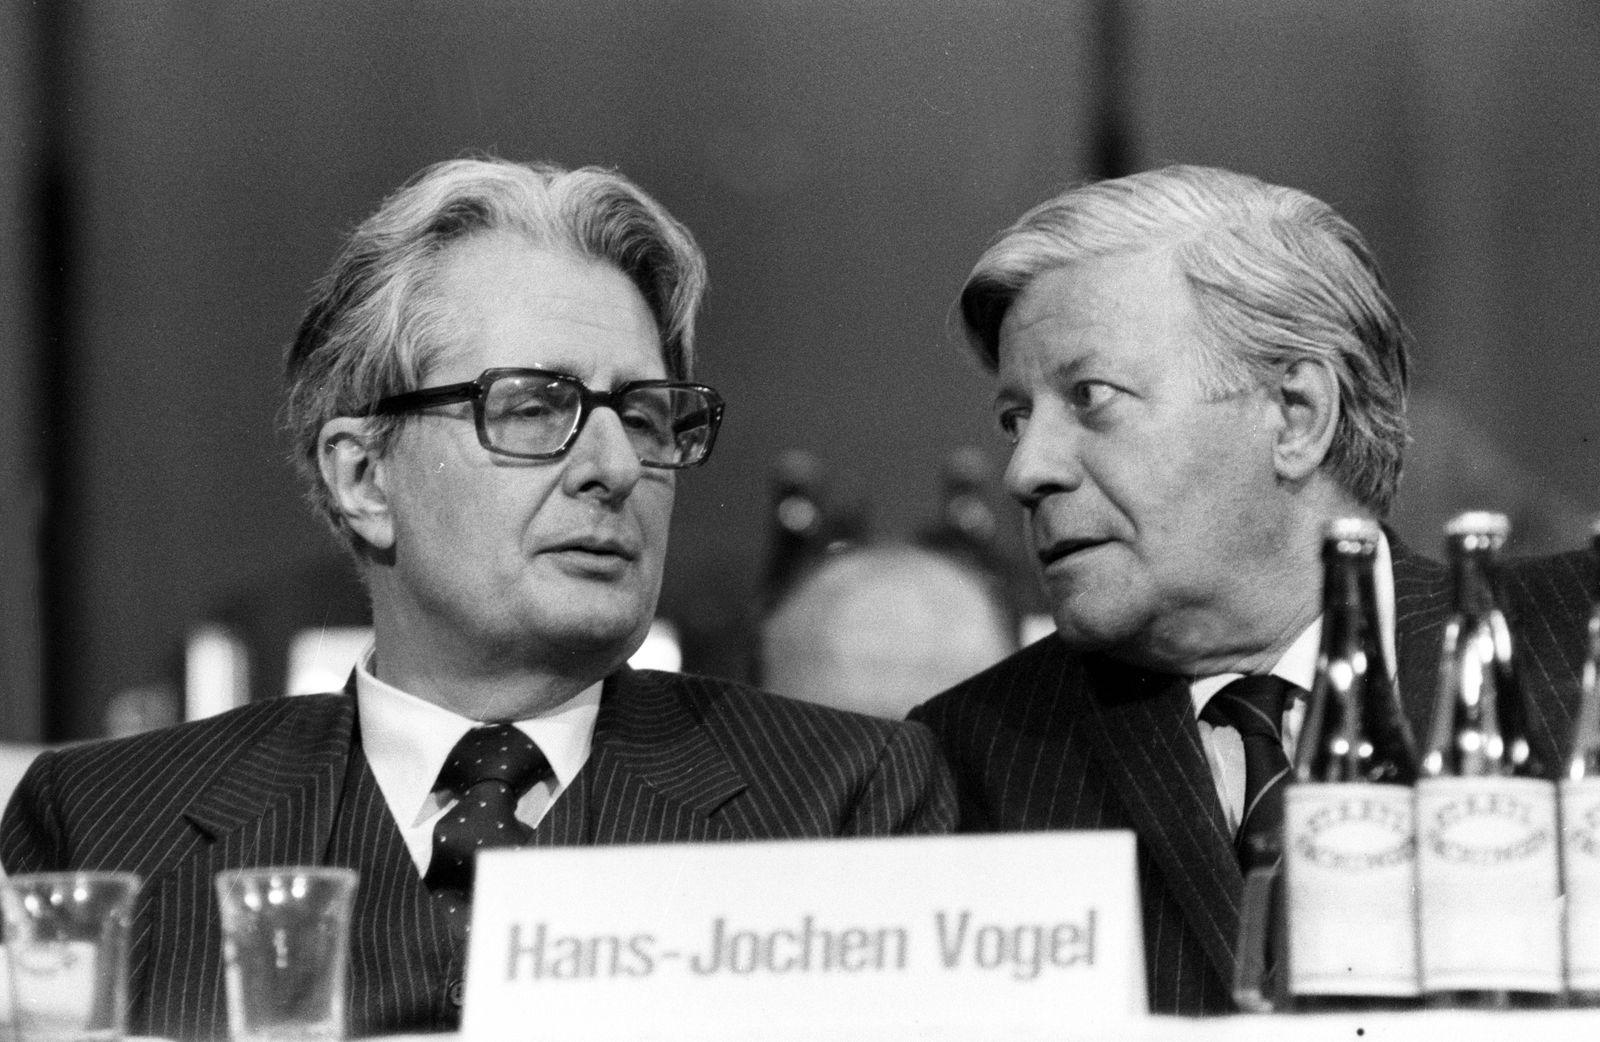 Hans-Jochen Vogel (li., Deutschland/SPD) und Helmut Schmidt (Deutschland/SPD) während eines SPD-Parteitages in Dortmund